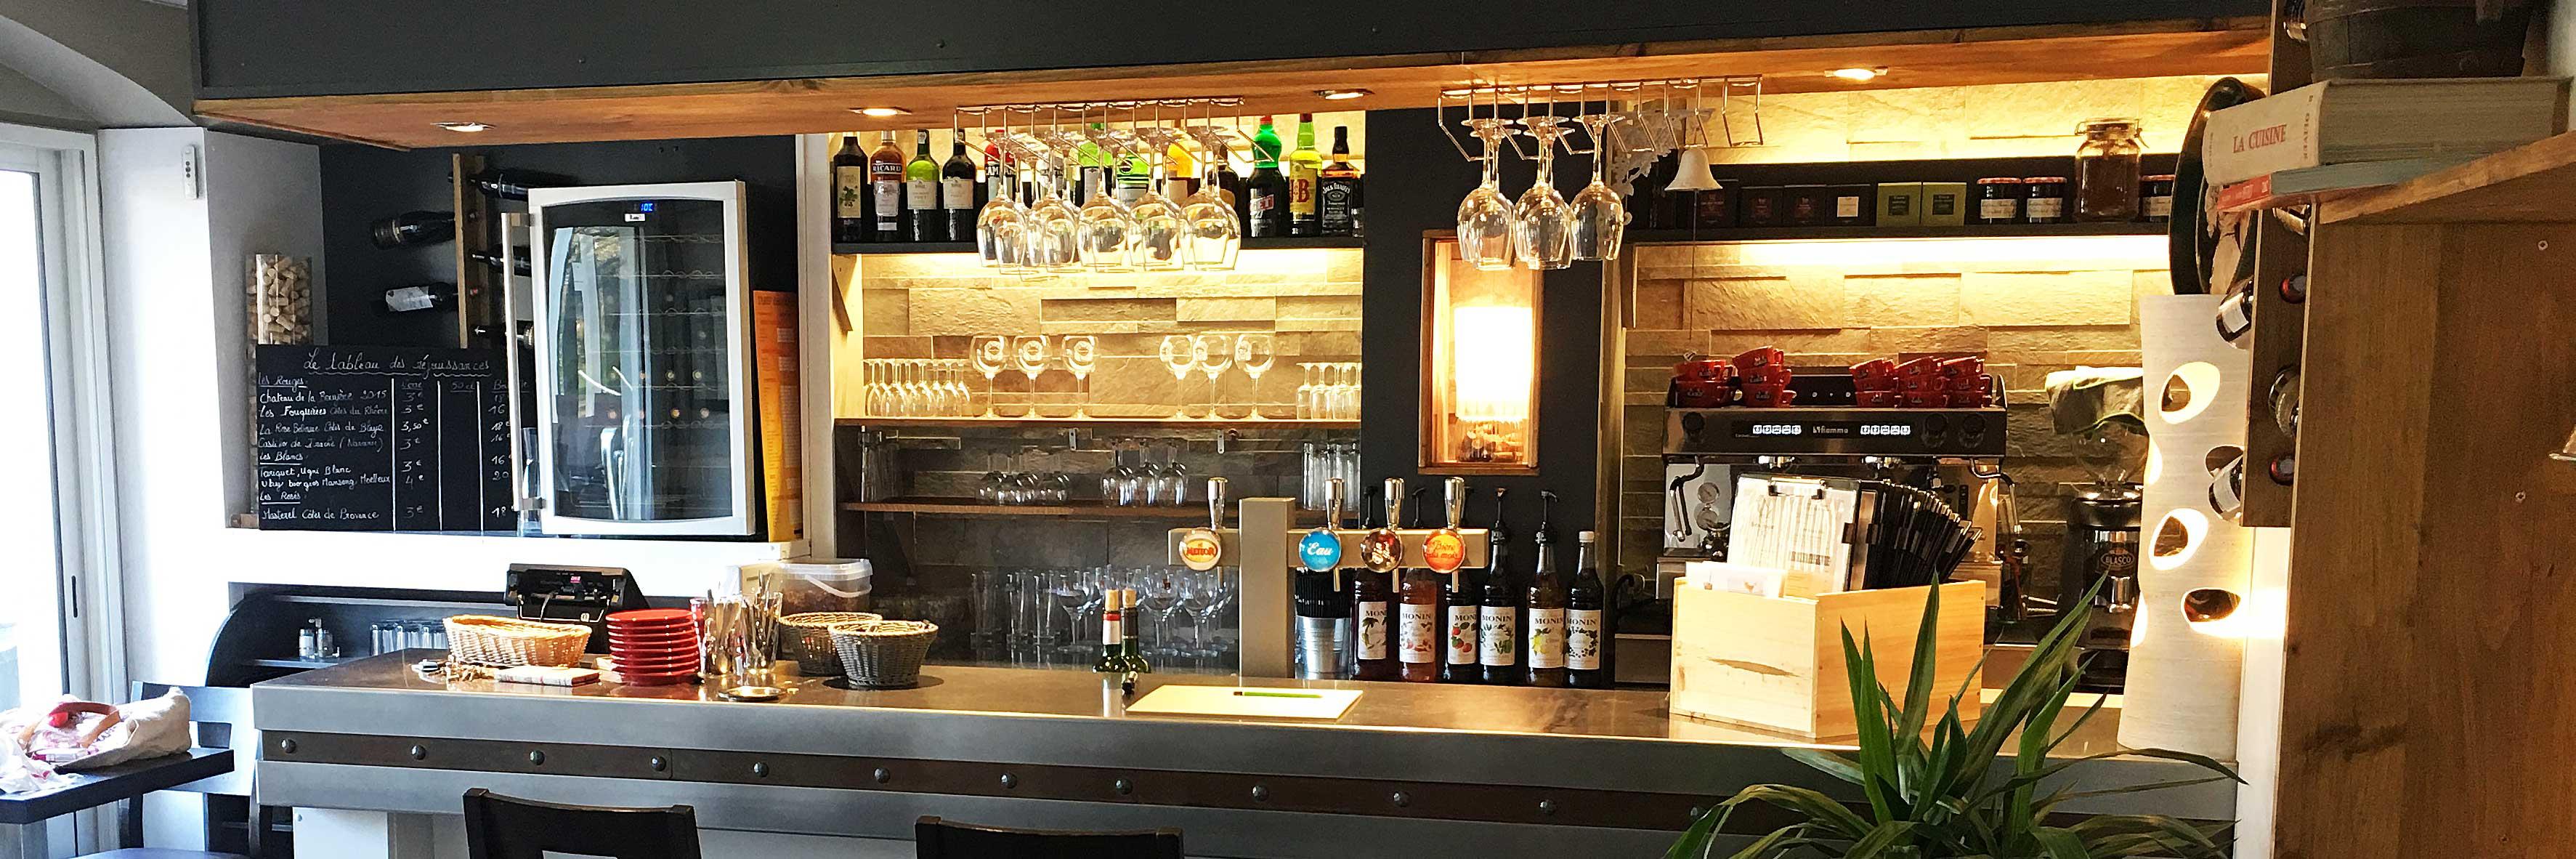 Restaurant Bistro Toqué à Bayonne L'actualité du restaurant Bistro Toqué à Bayonne – Réservation en ligne